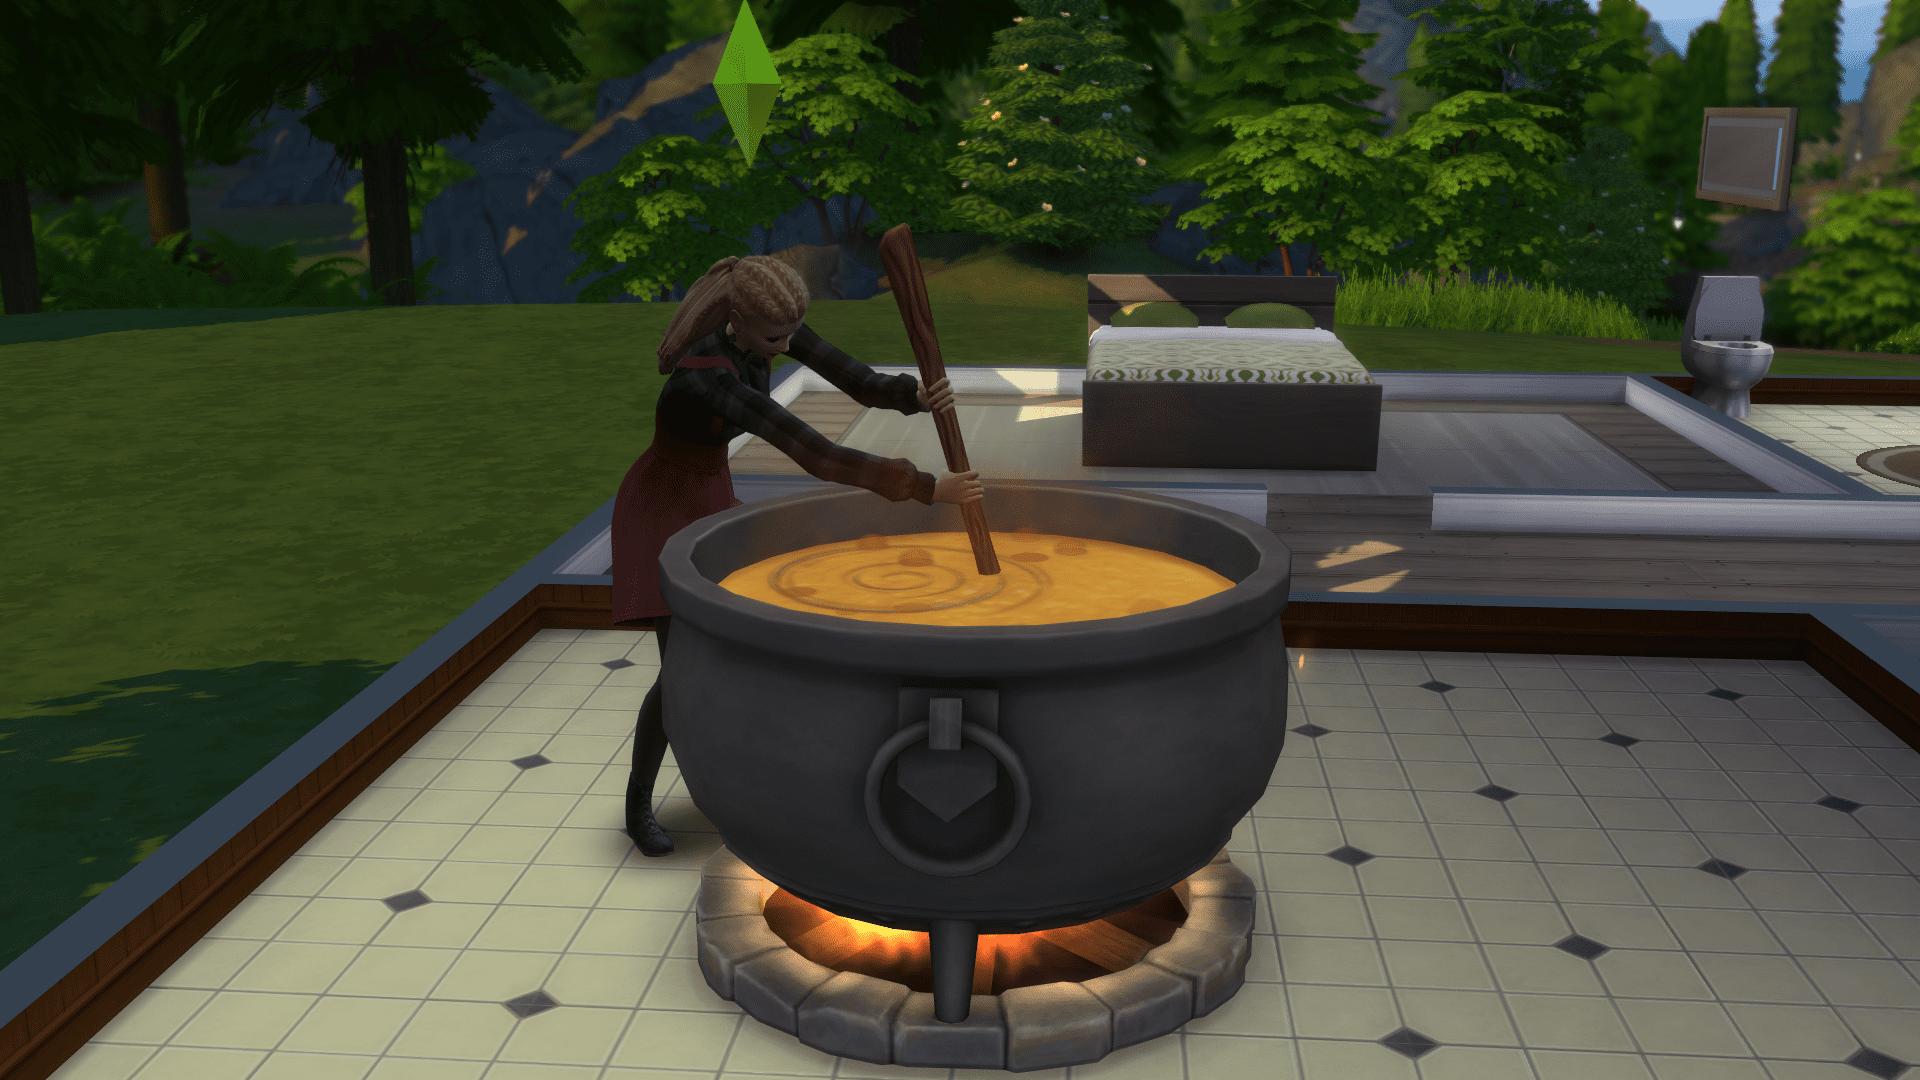 """Tja...ohne magisches Händchen, gibts im Hexenkessel nur """"Mac'n'Cheese""""!"""